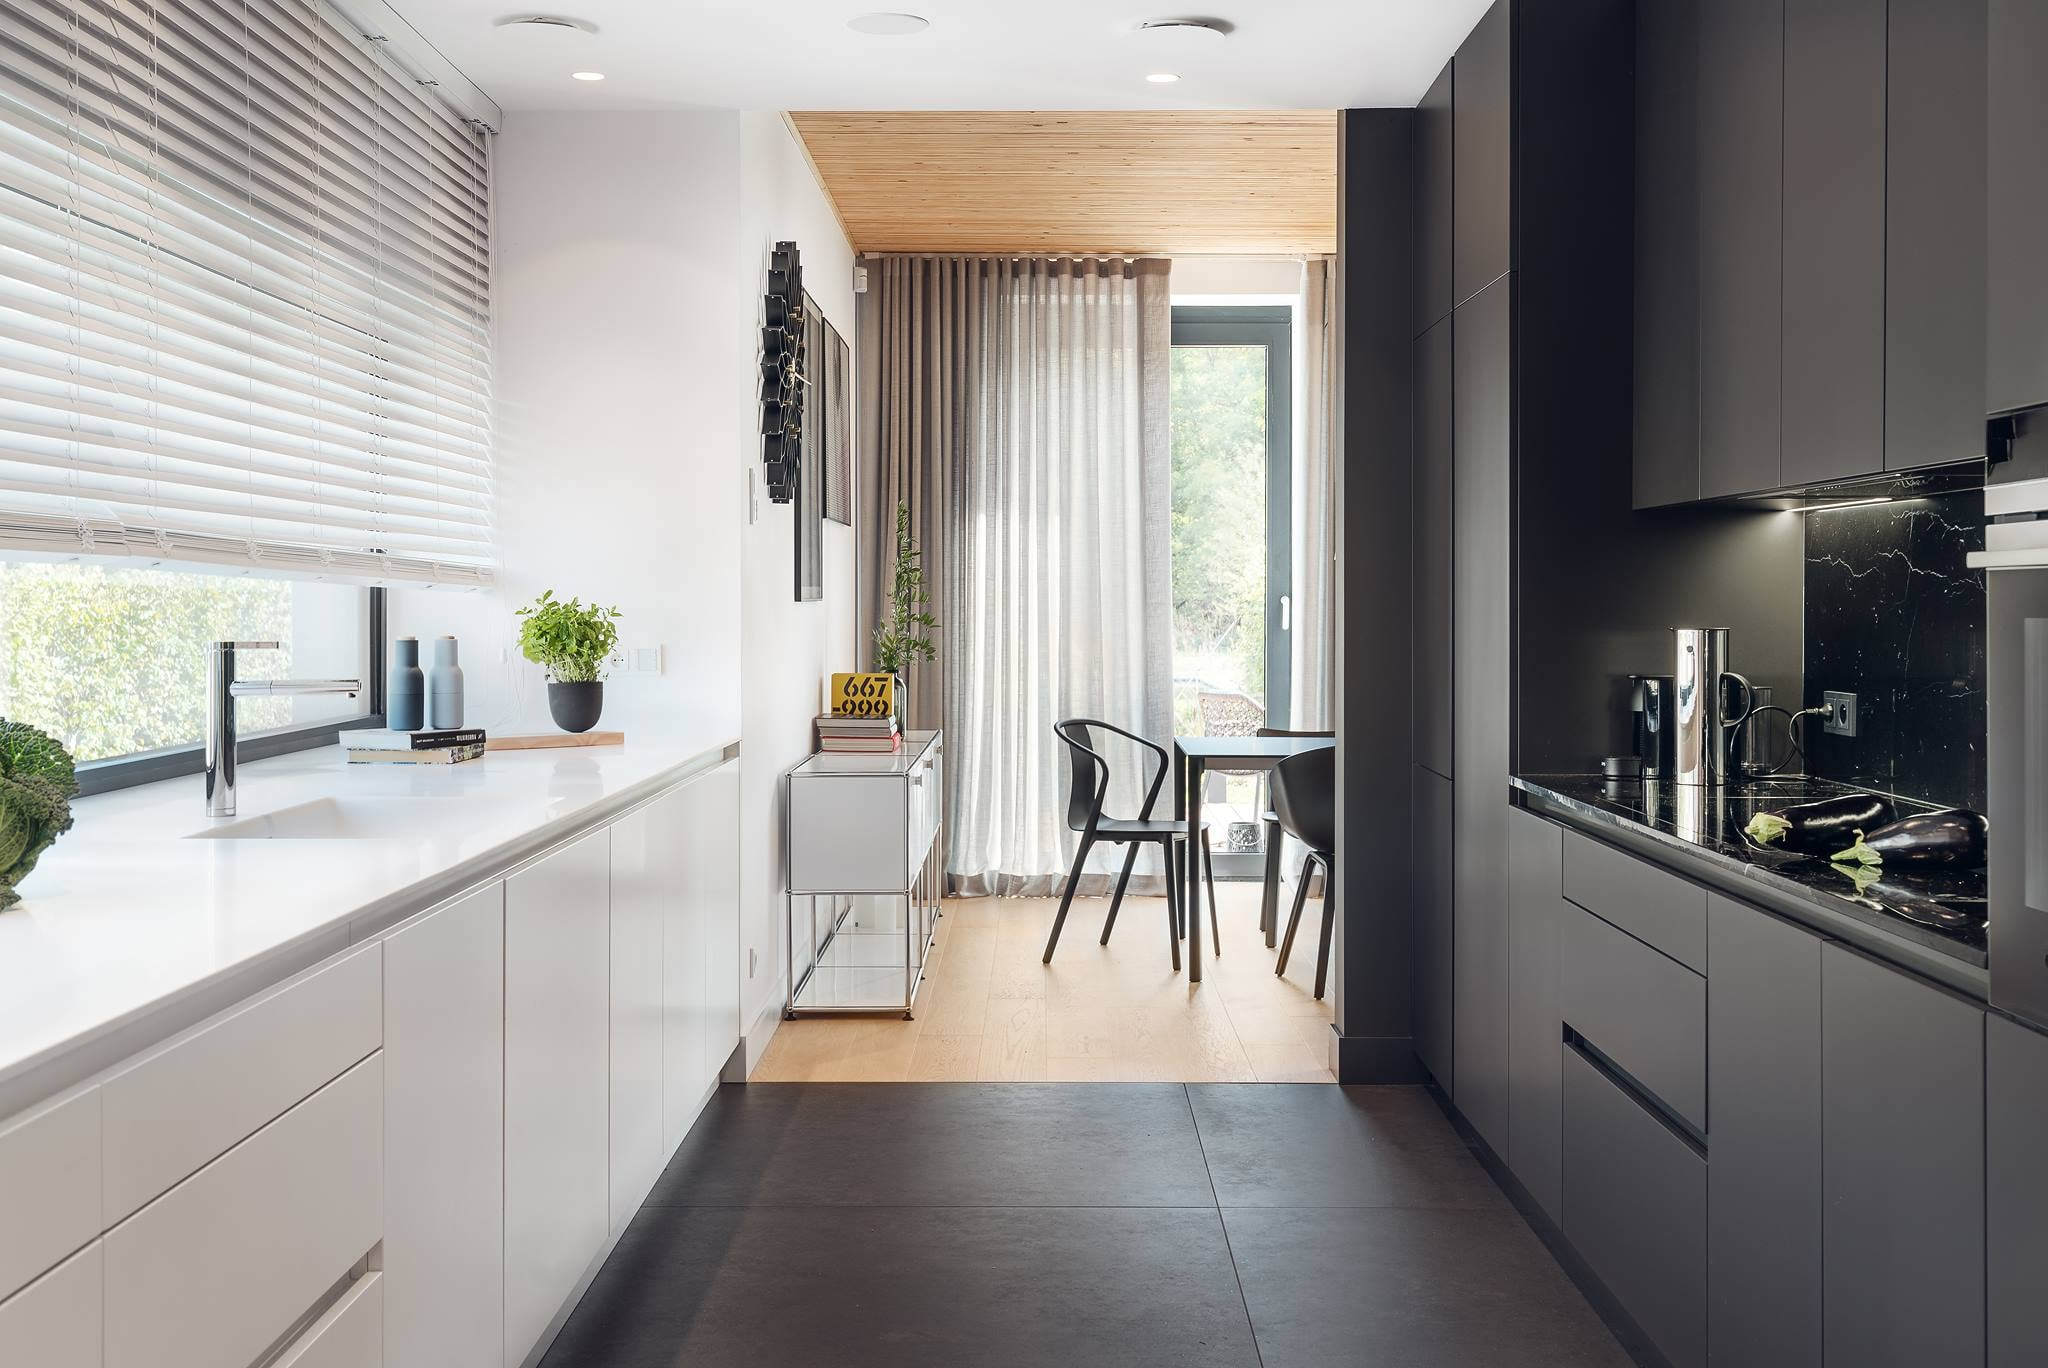 Czarno-biała kuchnia - jak urządzić